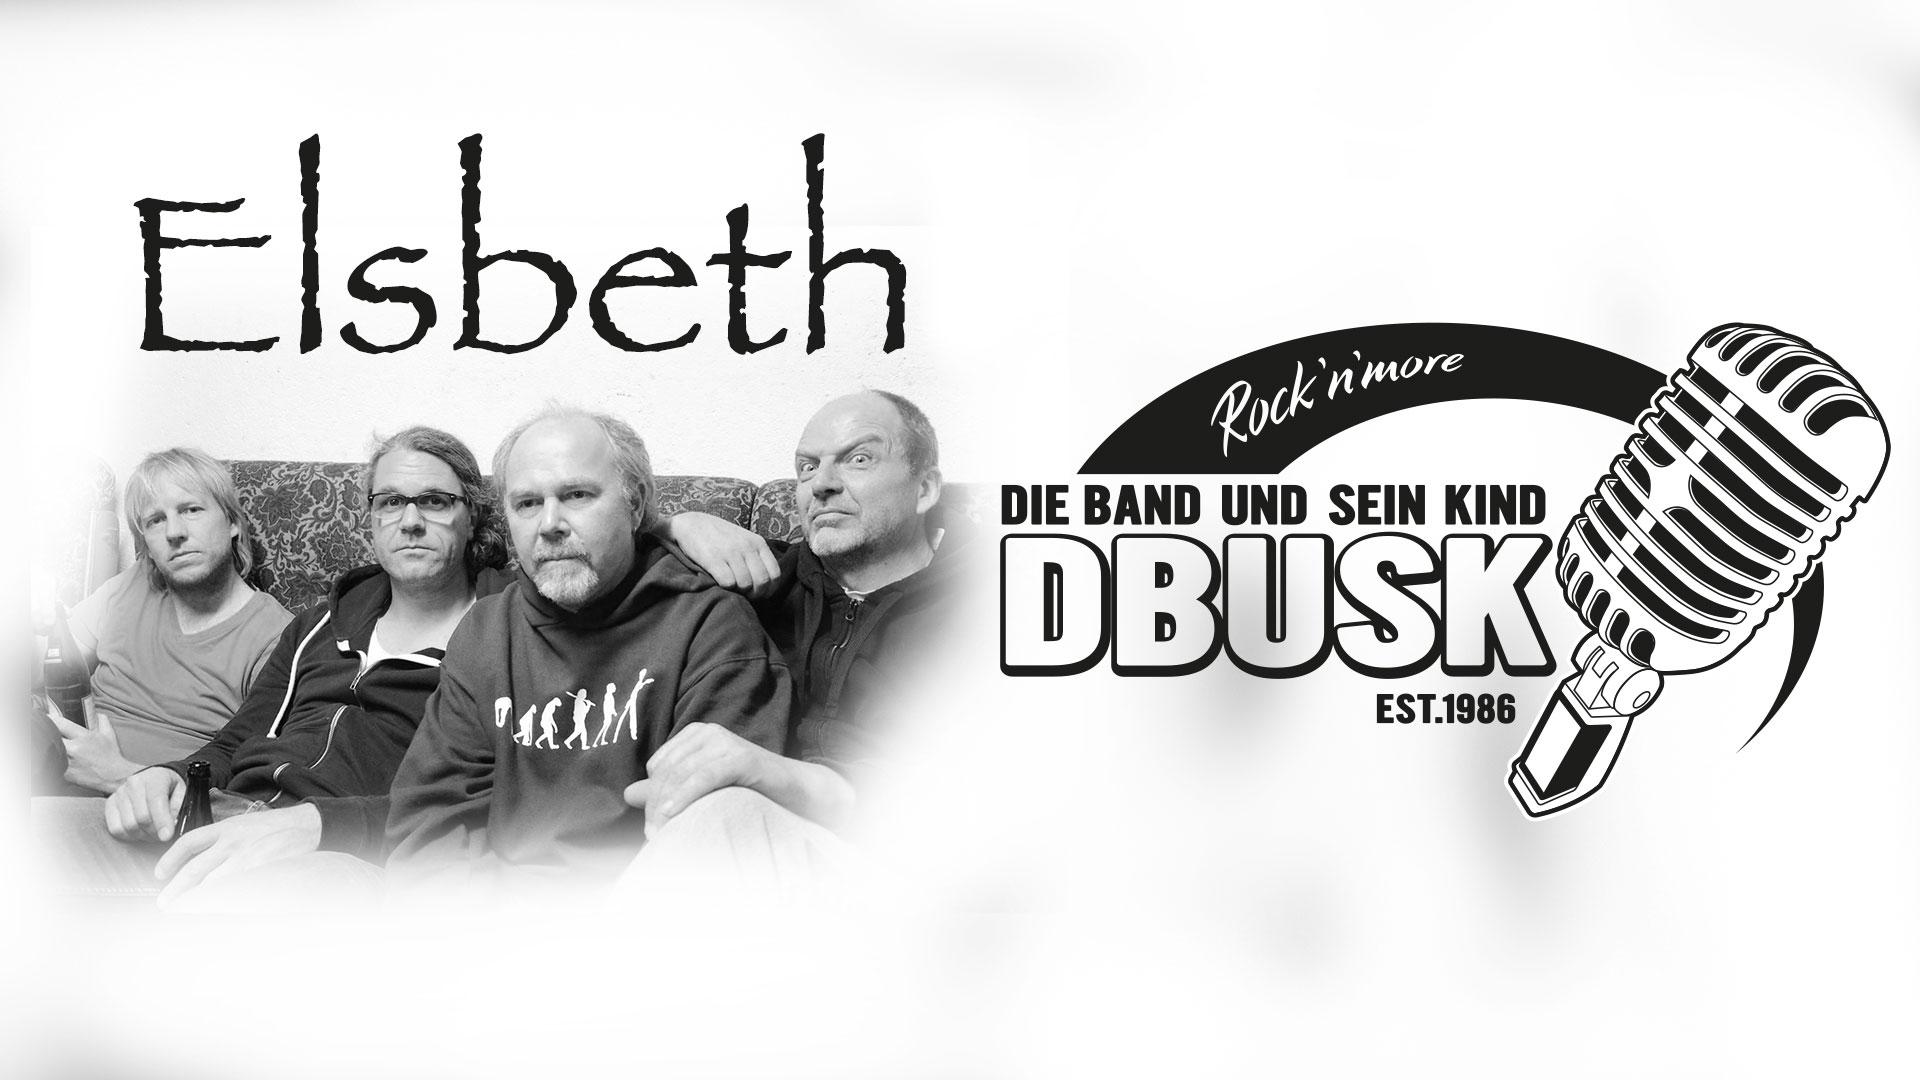 Elsbeth & DBUSK